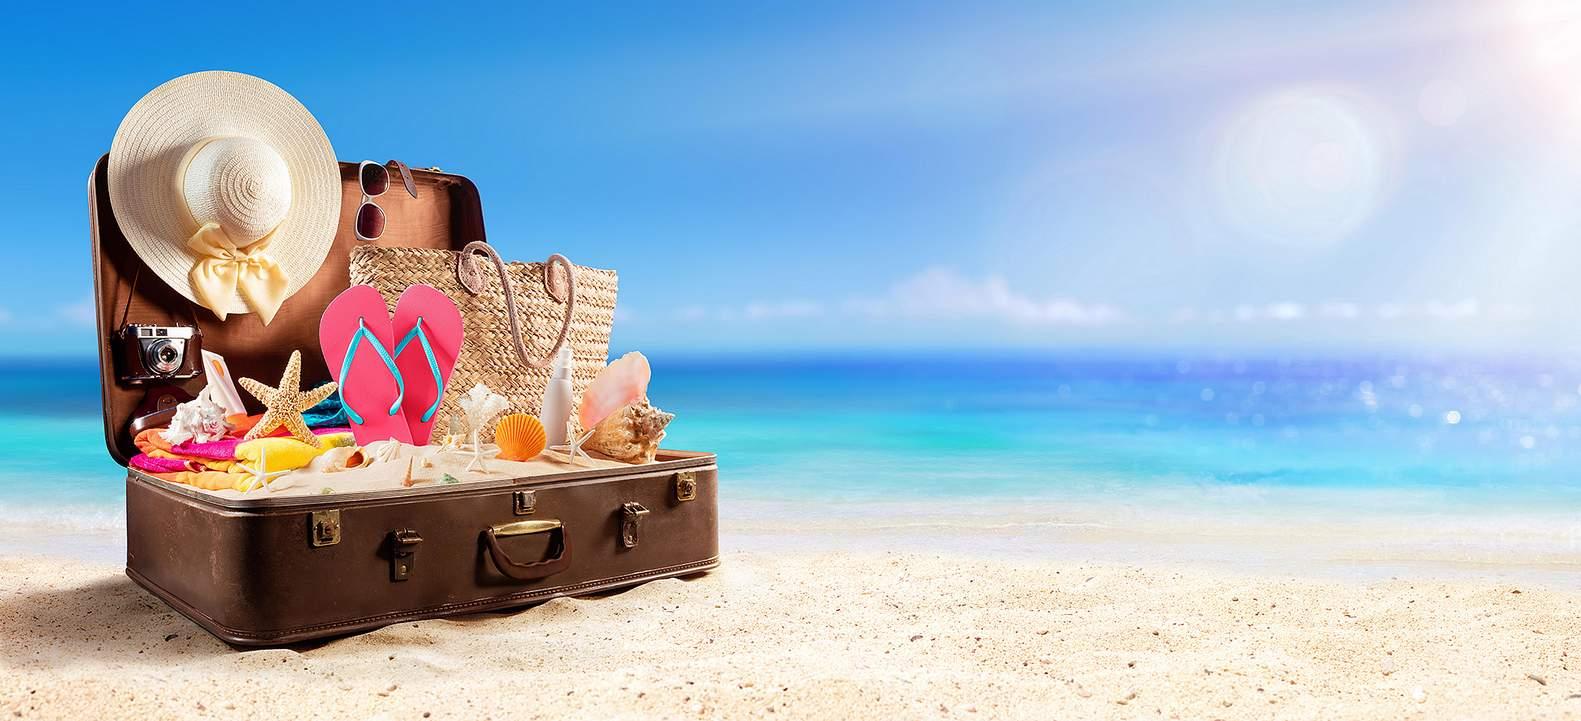 Foto ilustrativa - Uma mala aberta com itens usados para ir à praia. No fundo uma foto desfocada de uma praia